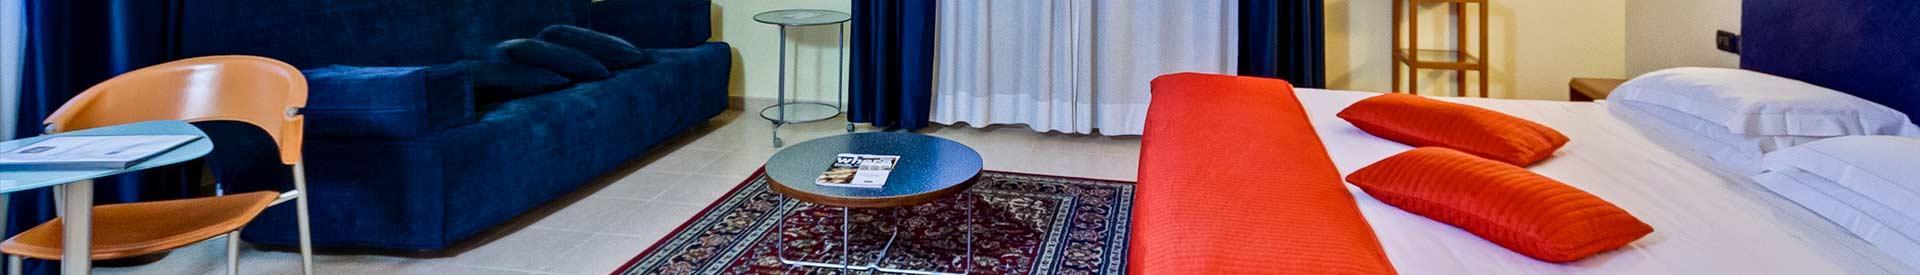 Camere blu hotel roma tiburtina bw blu hotel official site for Soggiorno blu hotel roma